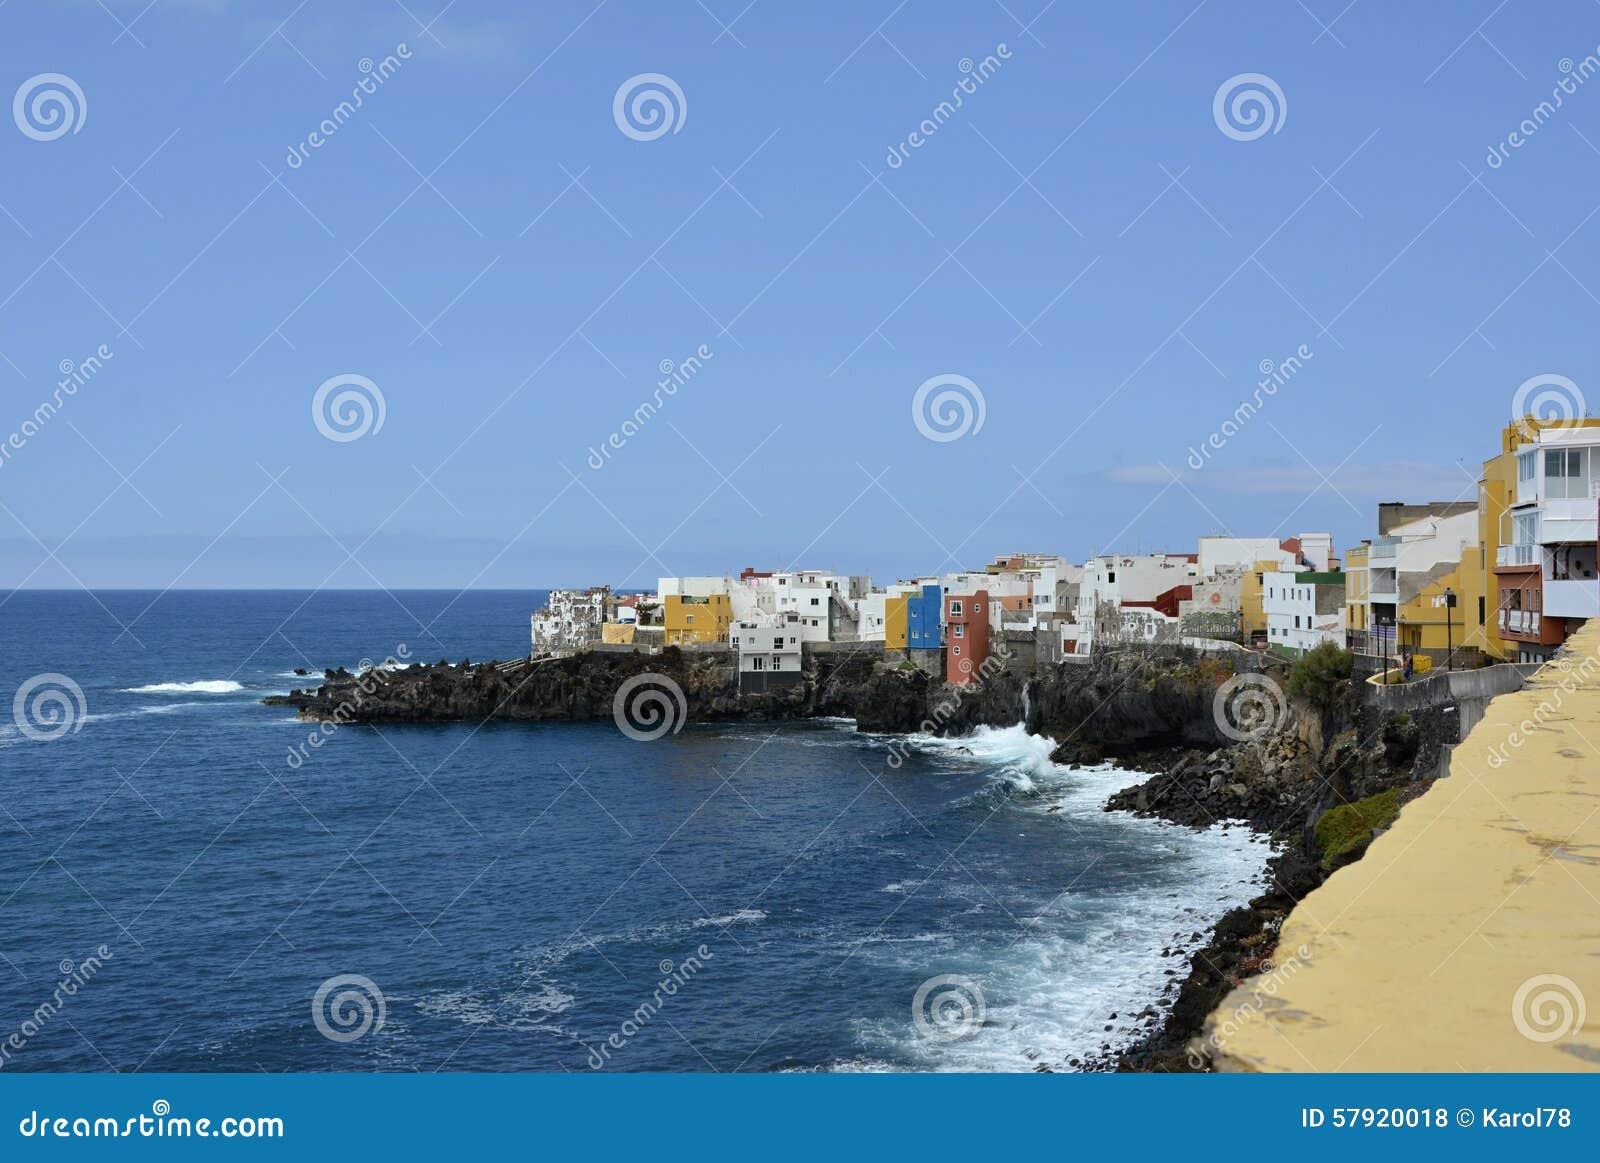 Huizen op een Kustlijn, Tenerife, Canarische Eilanden, Spanje, Europa